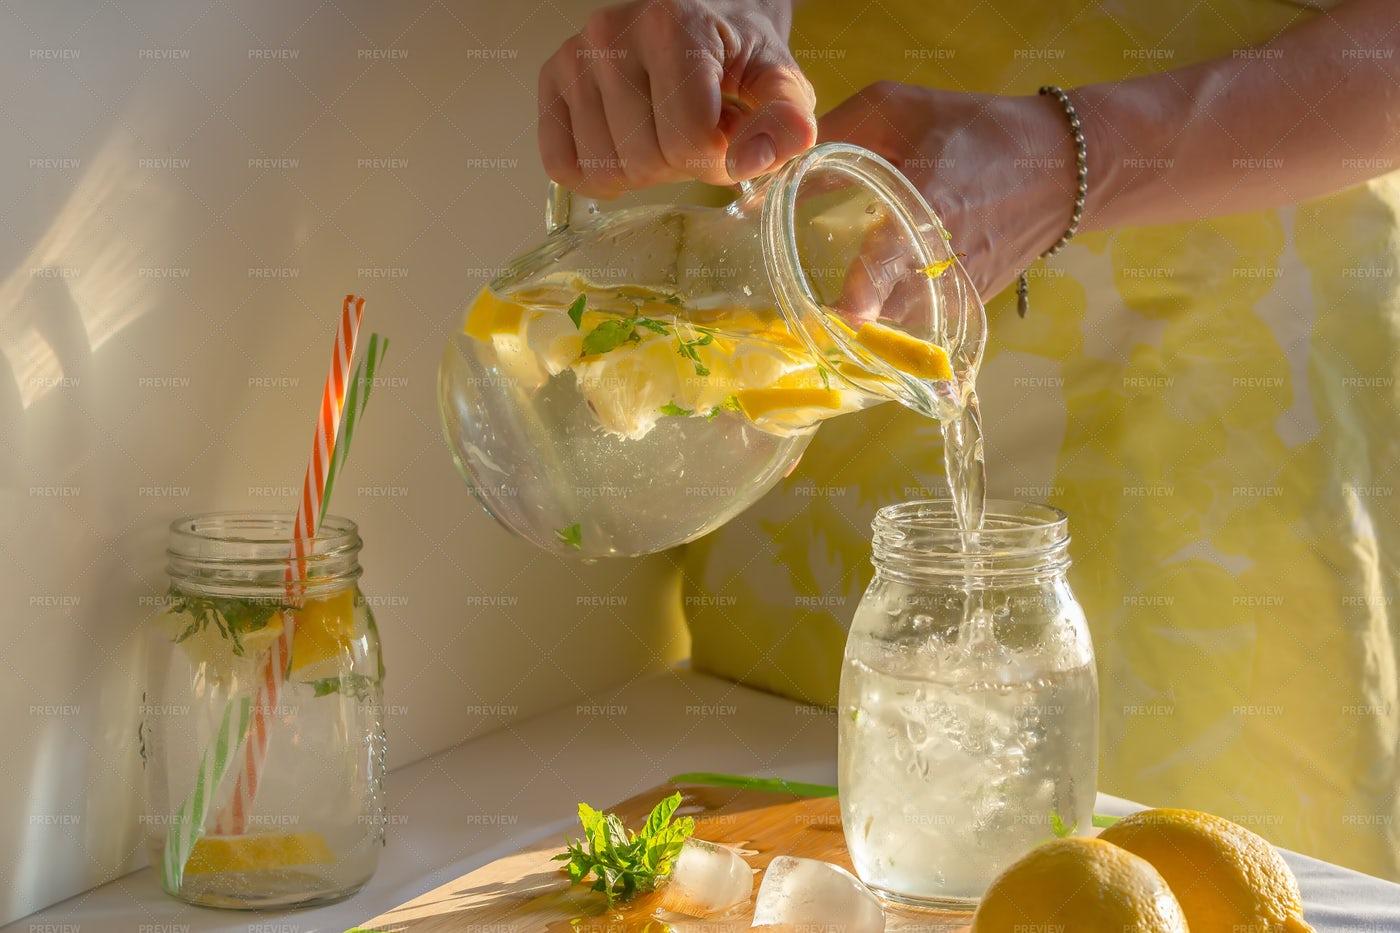 Pouring Homemade Lemonade: Stock Photos